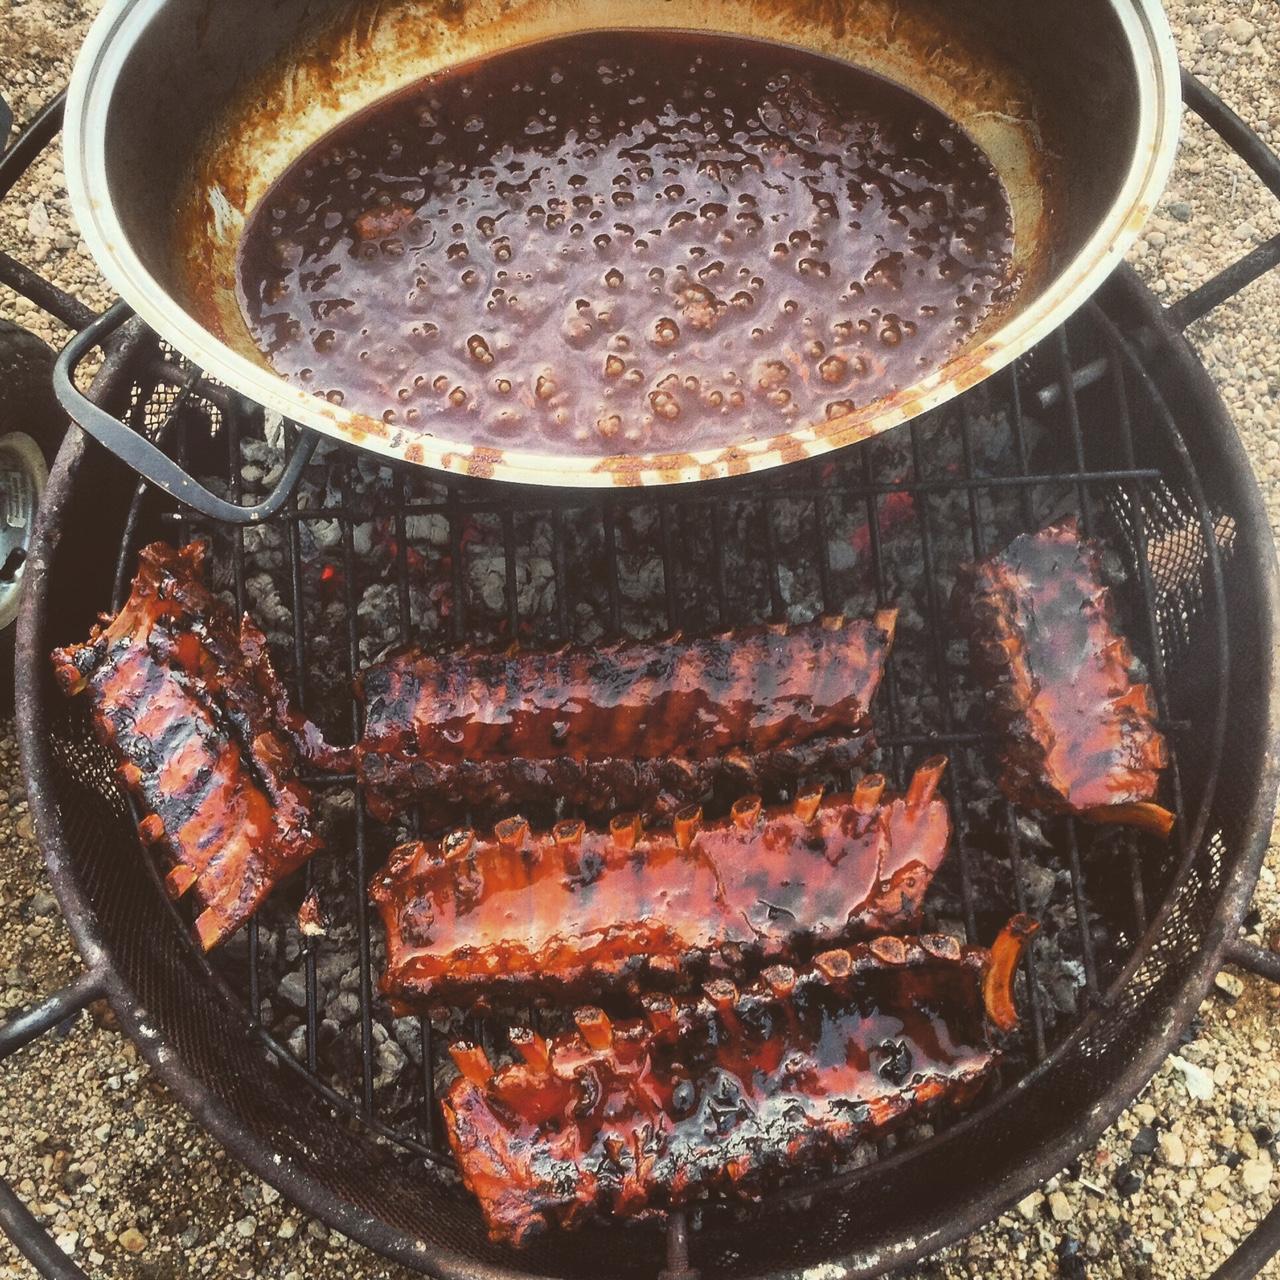 grillsauceribs